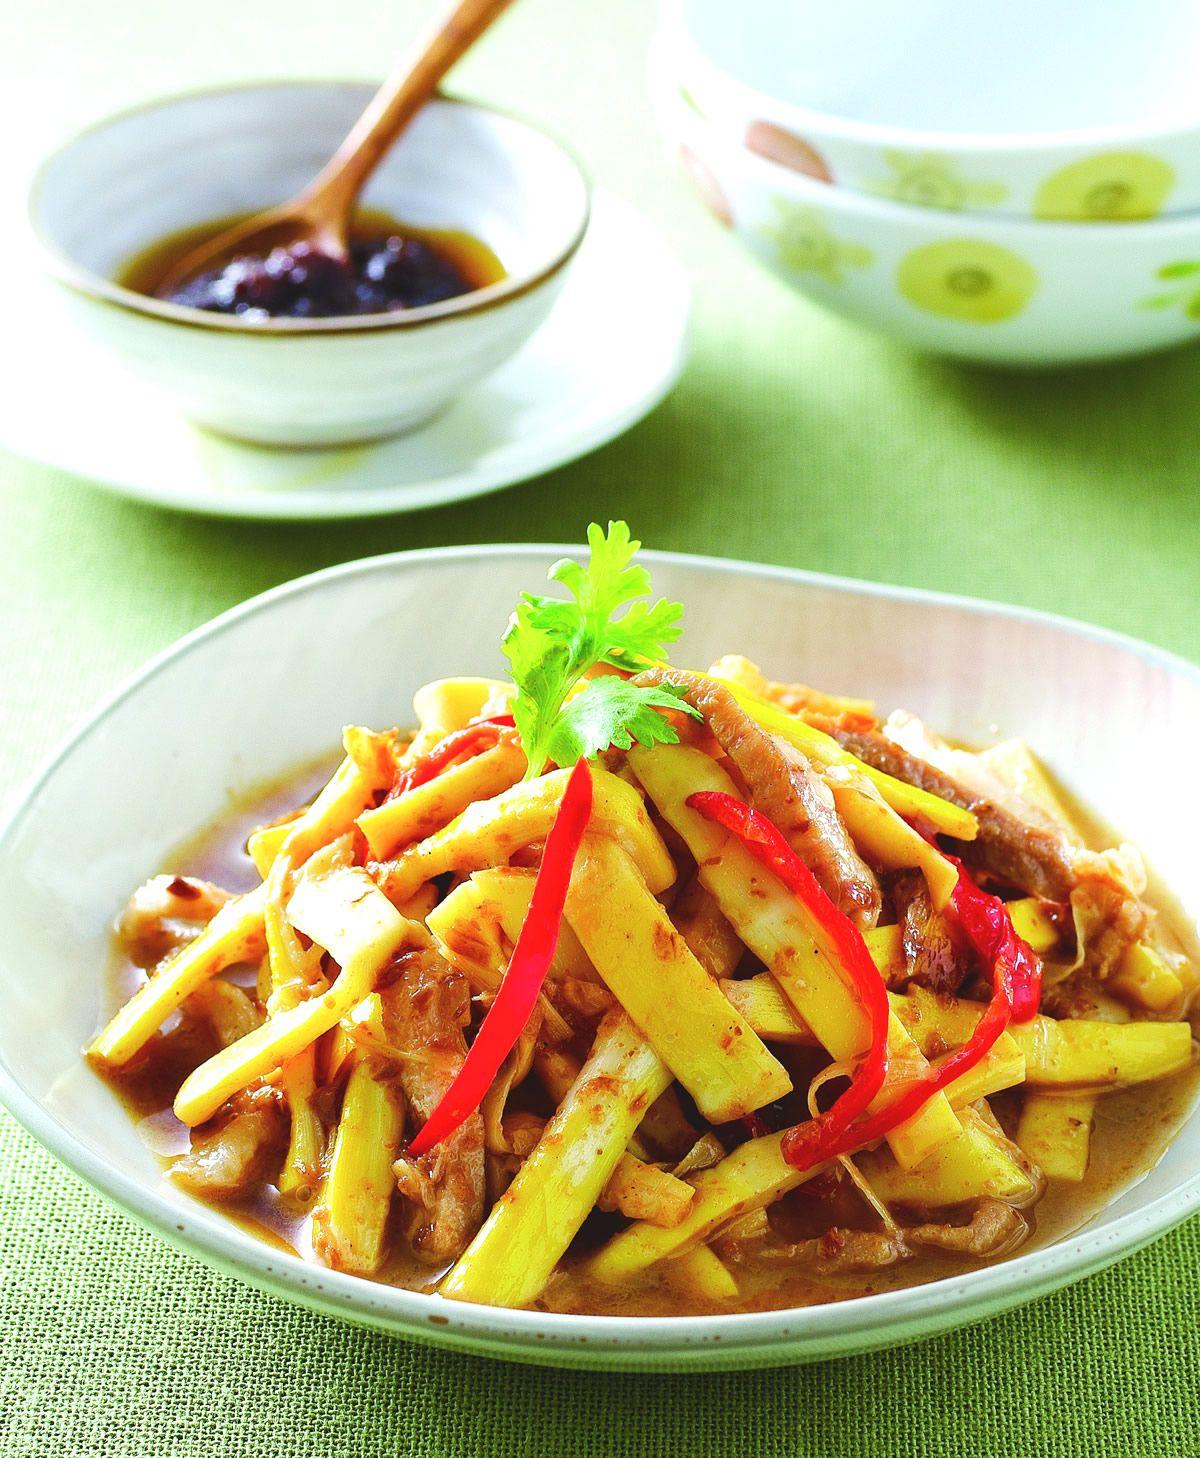 食譜:蔥香肉絲桂竹筍